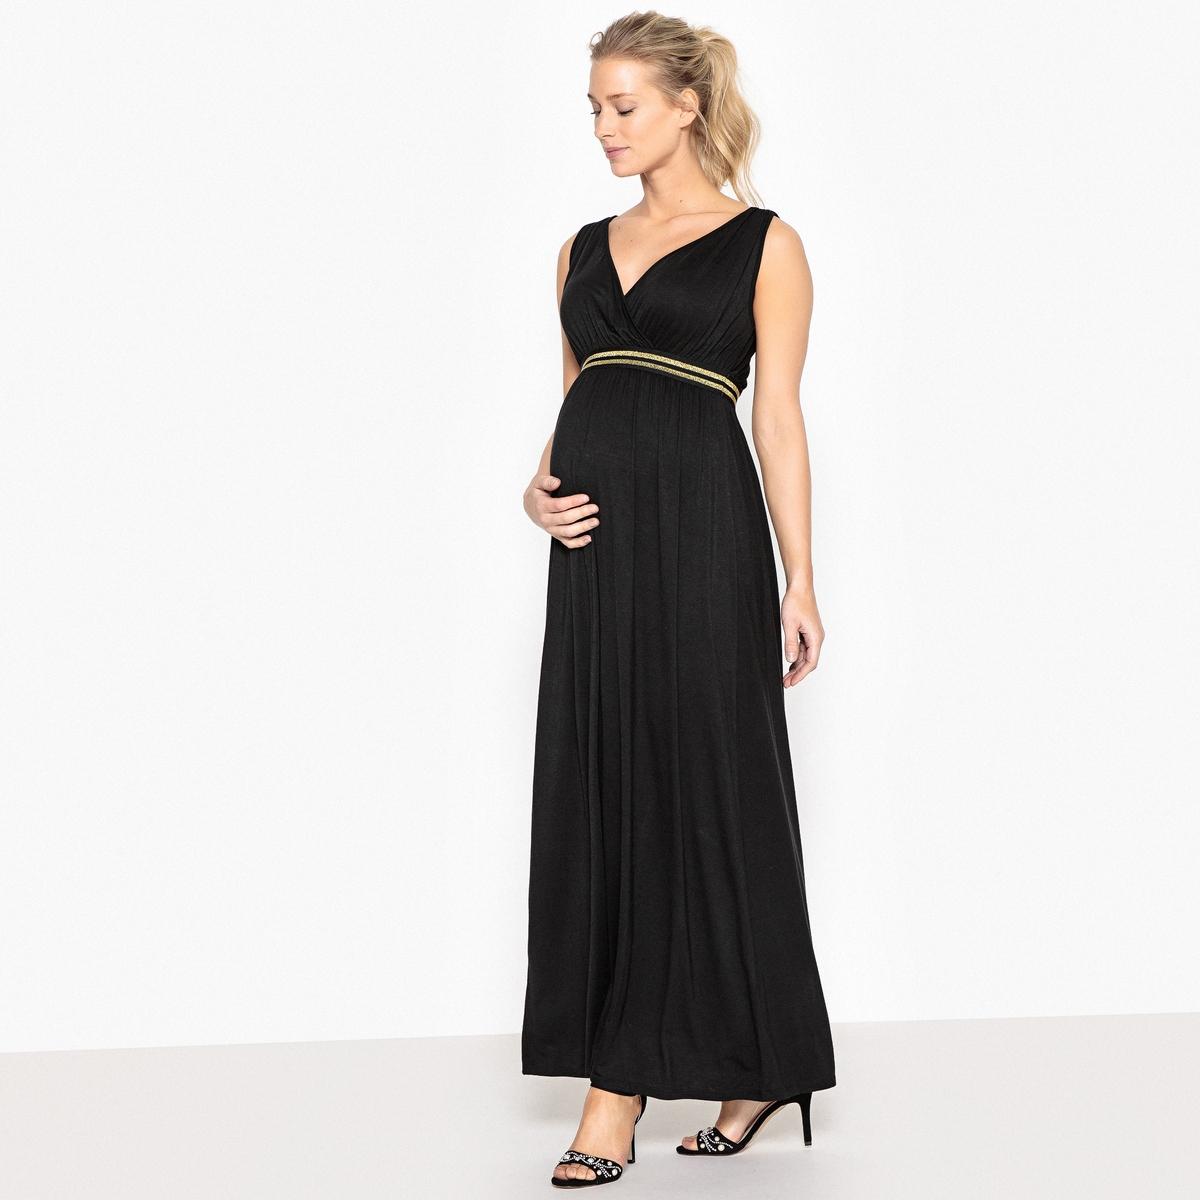 Платье длинное с блестящей резинкой для периода беременностиОписание:Детали •  Форма : прямая •  Длина ниже колен •  Тонкие бретели    •   V-образный вырезСостав и уход •  95% вискозы, 5% эластана •  Следуйте советам по уходу, указанным на этикеткеМодель адаптирована для периода беременности  •  Длина : 134 см<br><br>Цвет: черный